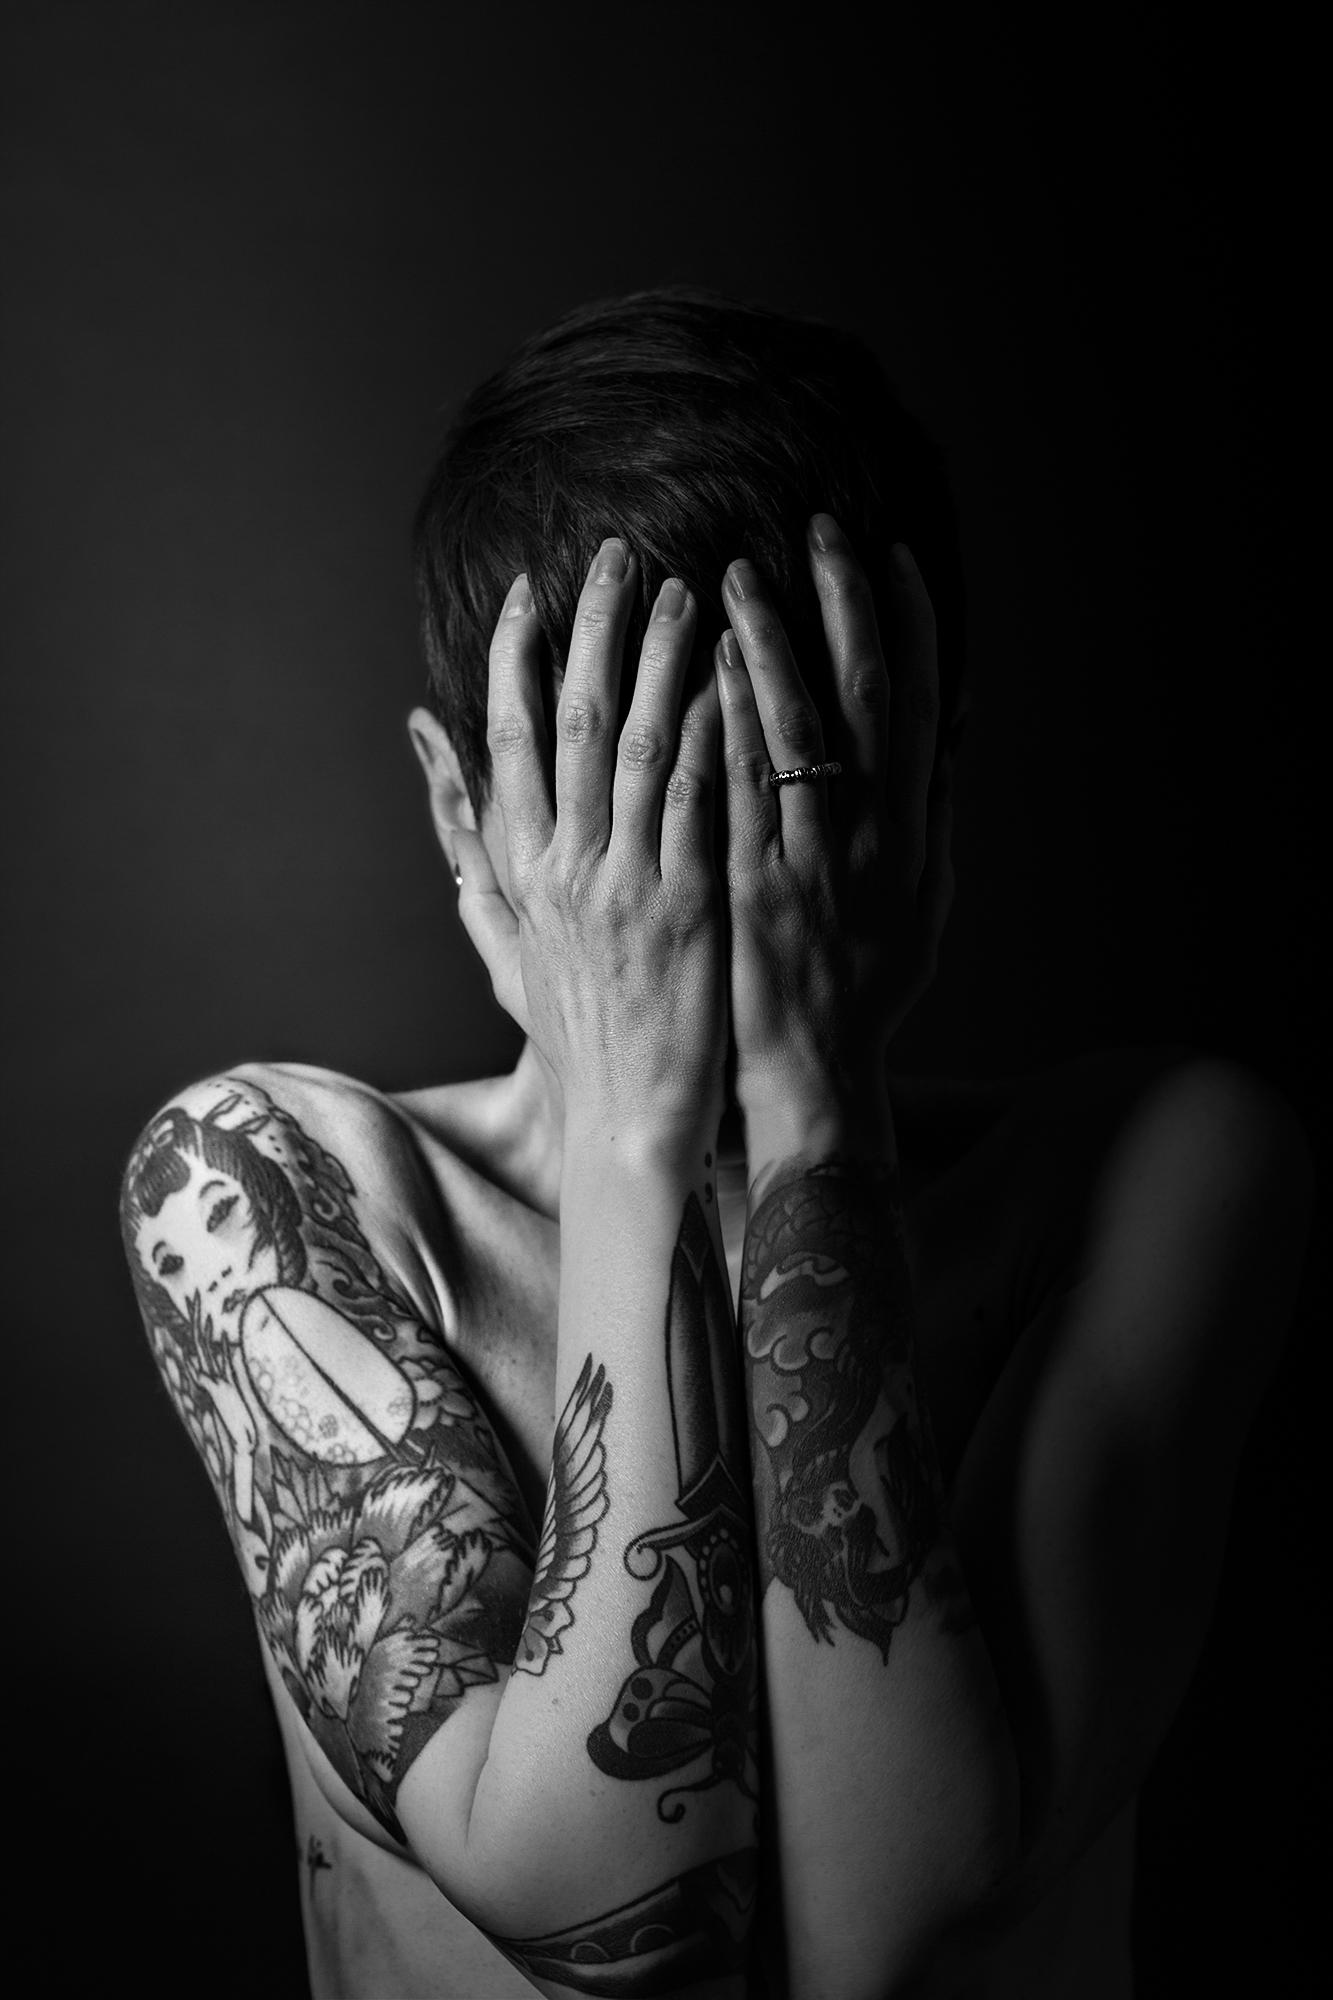 Plano medio, blanco y negro. Modelo tatuada posando desnuda con las manos tapándose la cara.